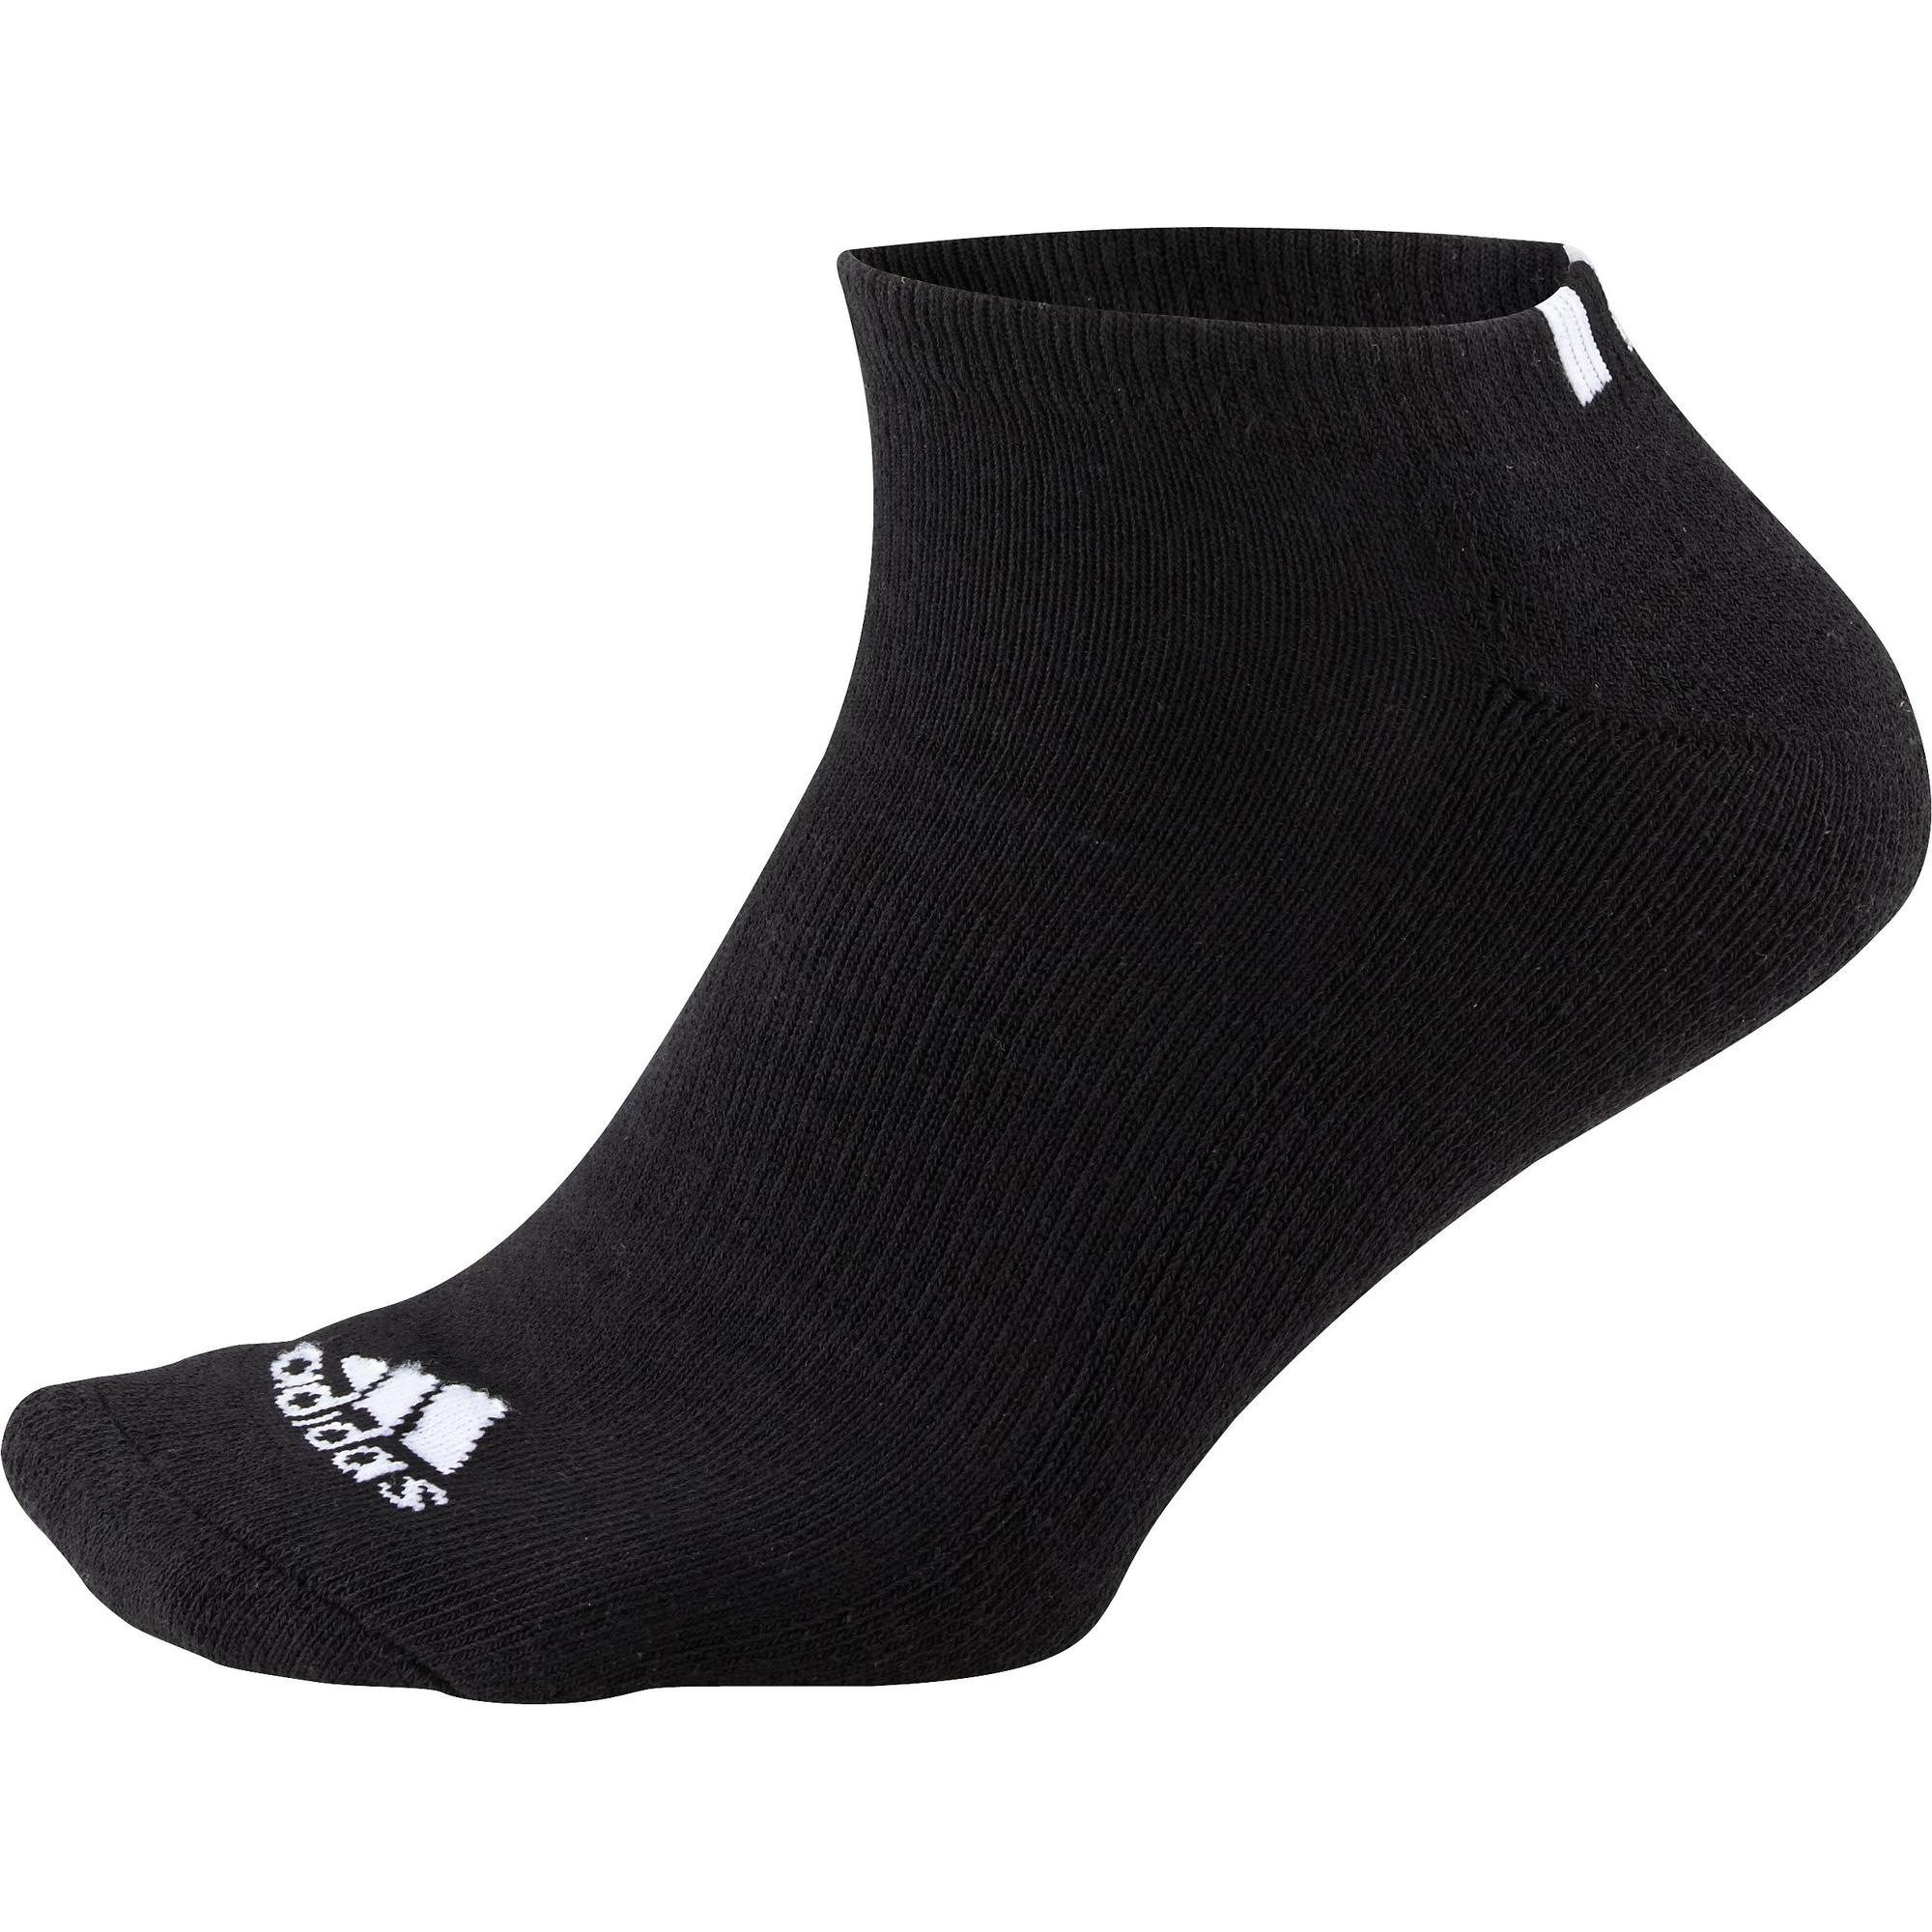 ADIDAS Men's Comfort Low Sock 3-Pack